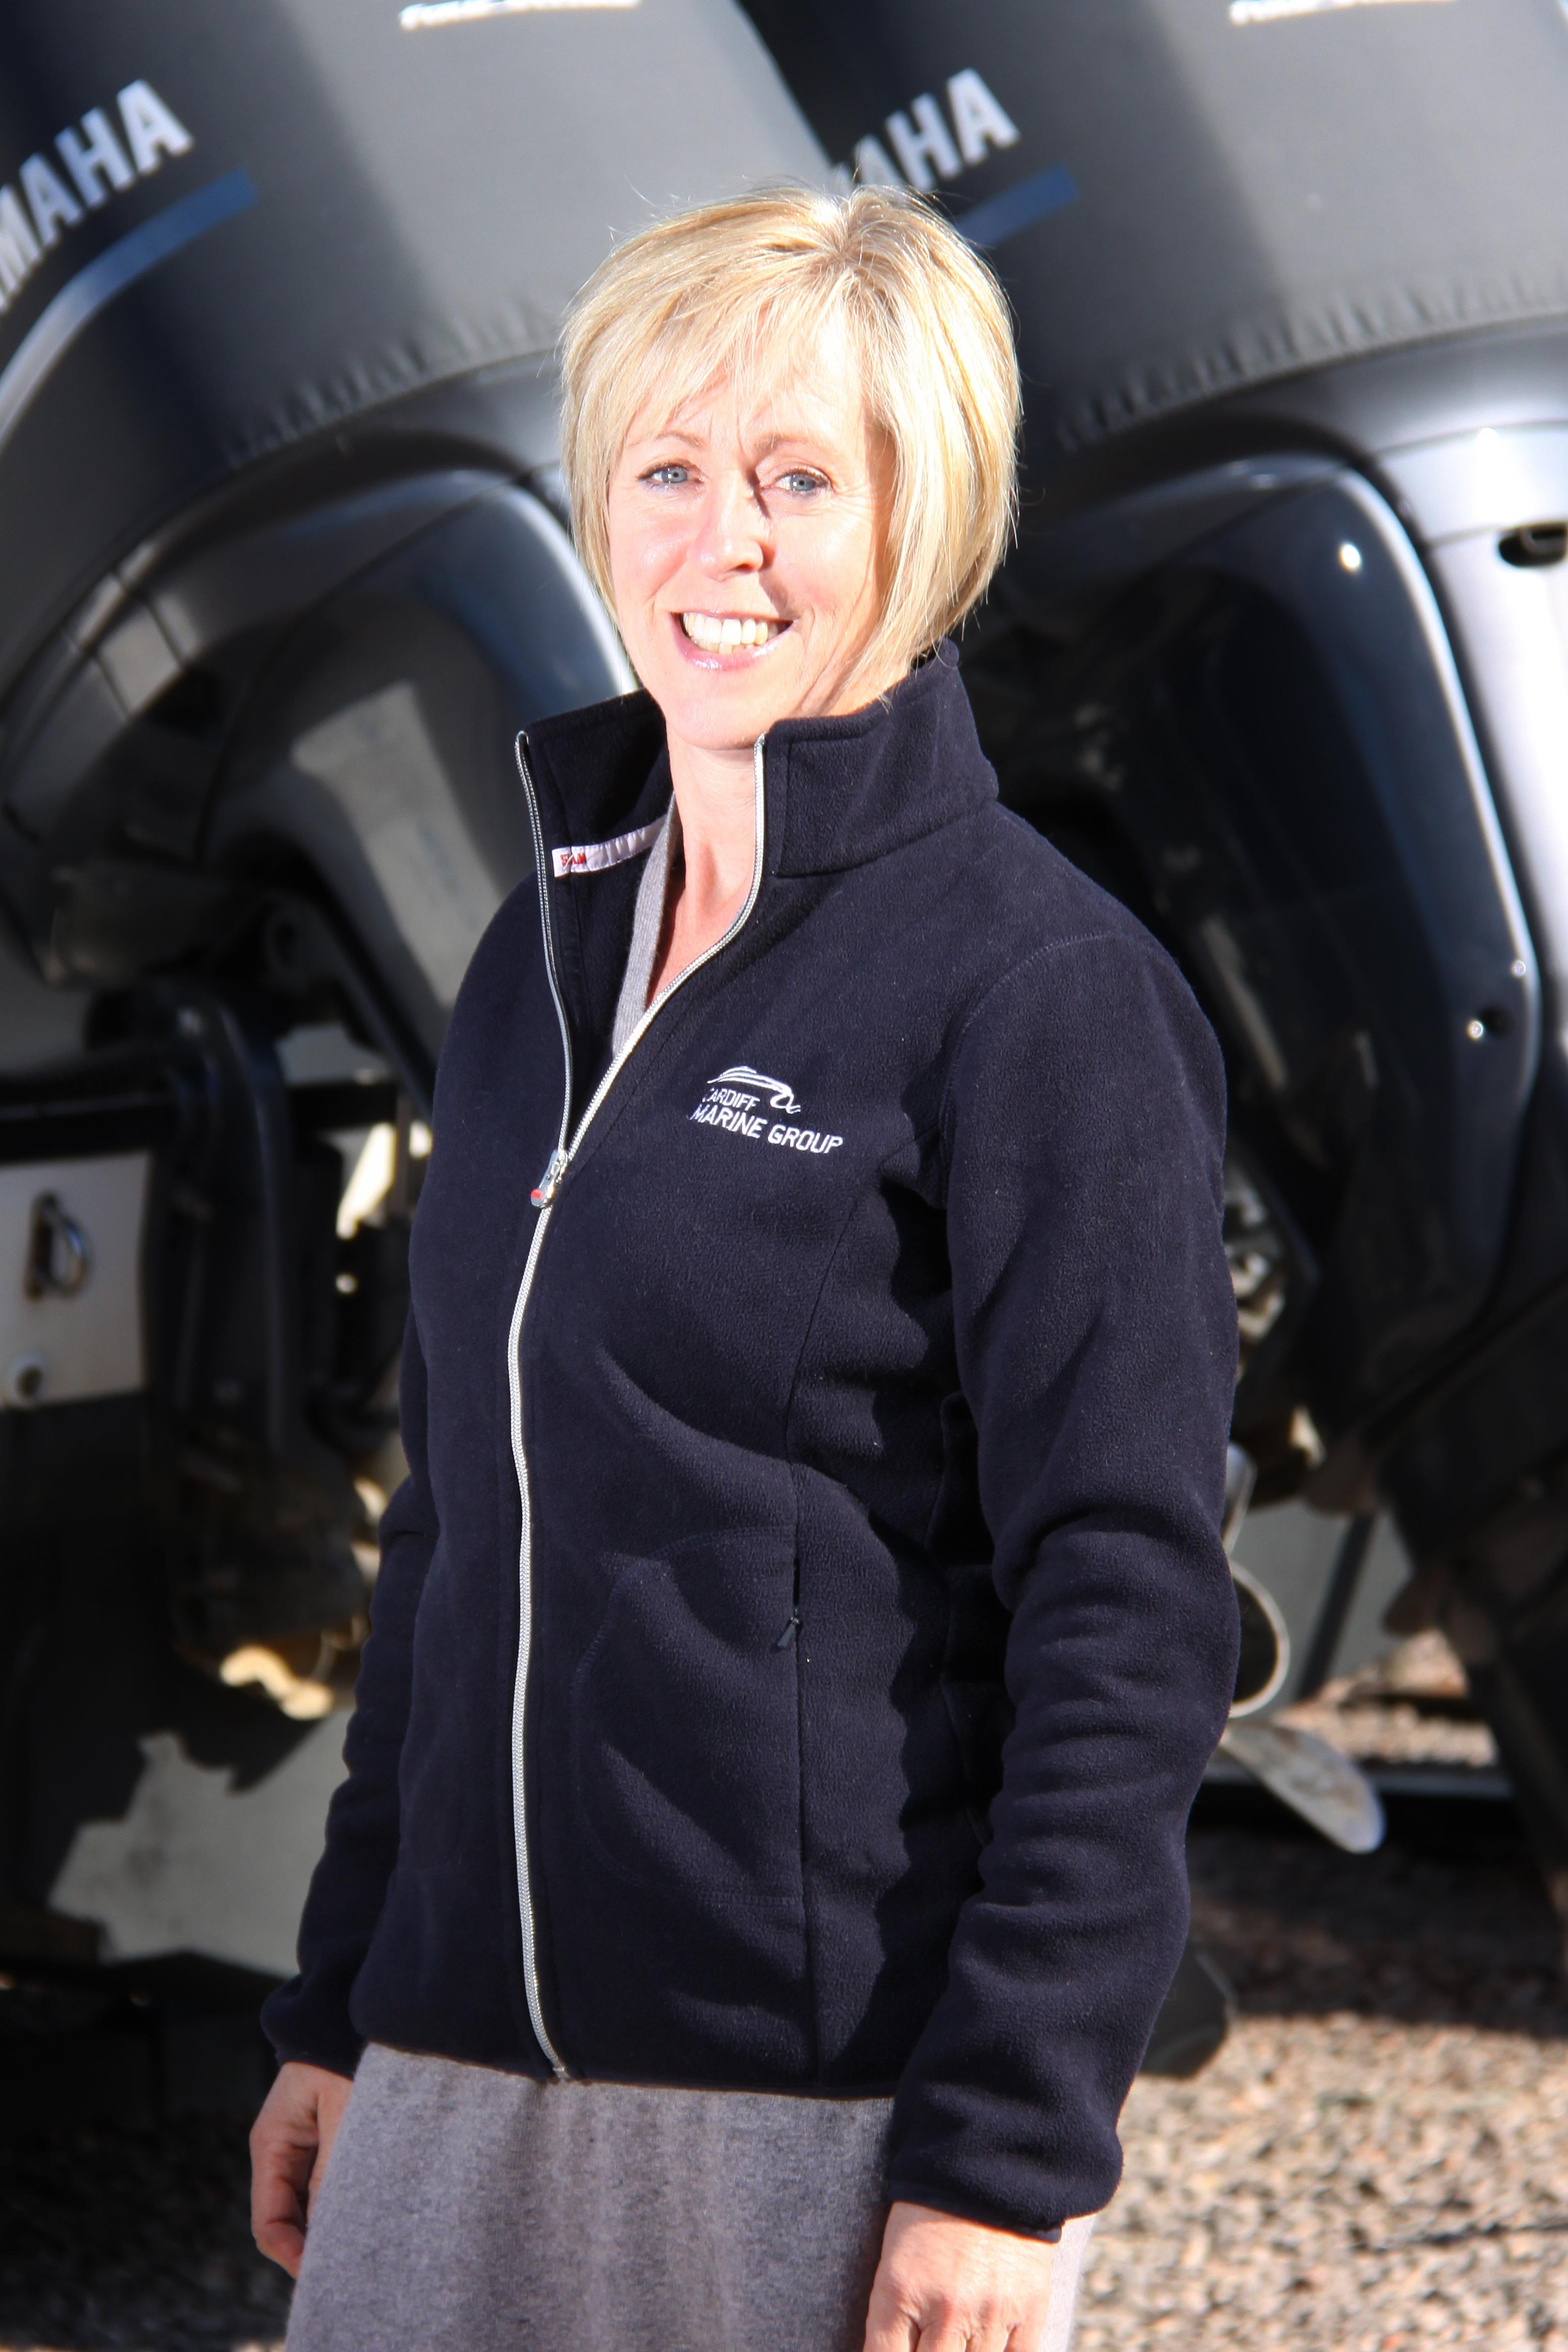 Helen Howell